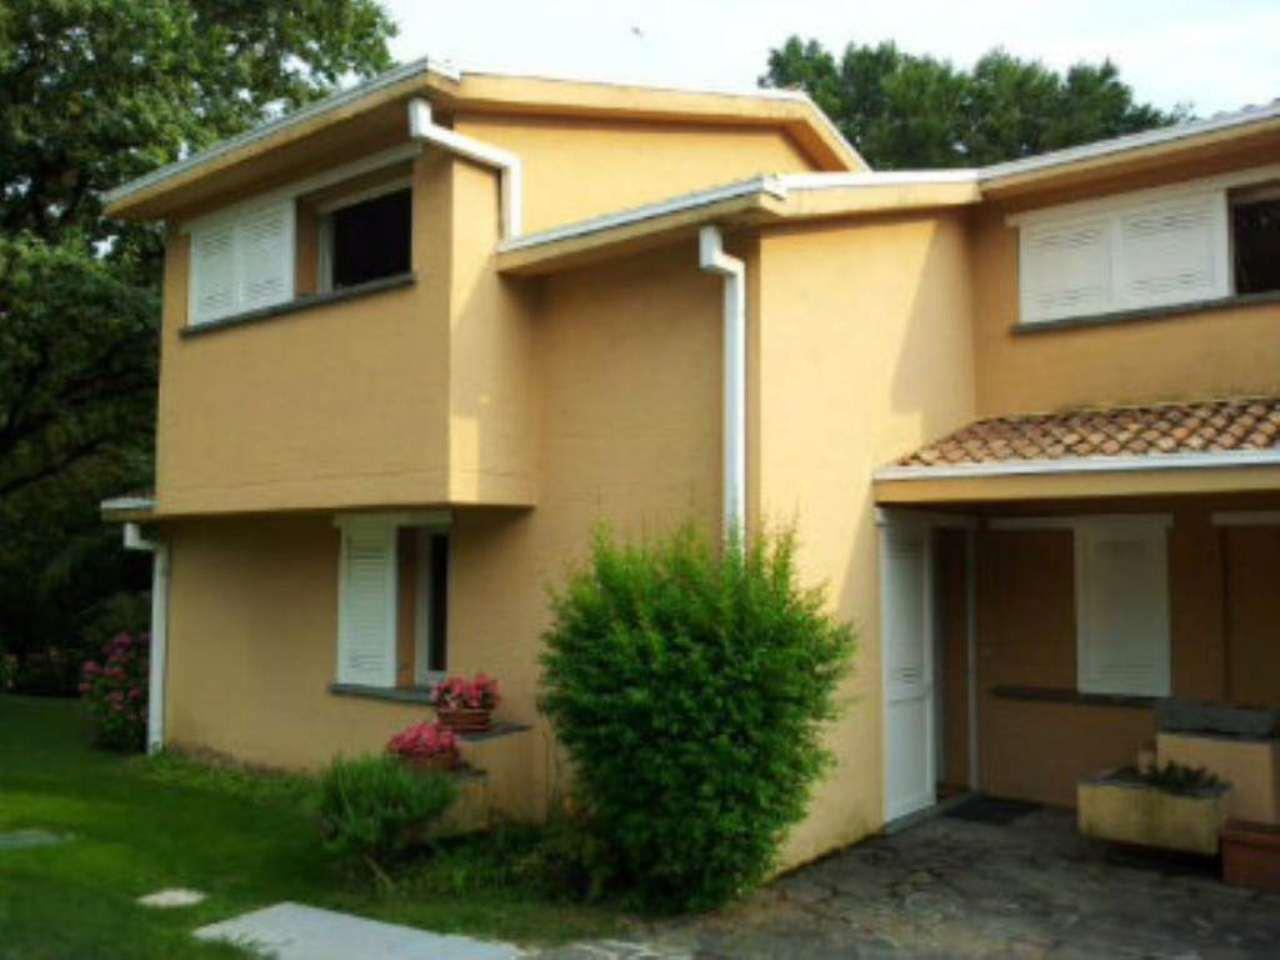 Soluzione Semindipendente in vendita a Almenno San Bartolomeo, 5 locali, prezzo € 290.000 | Cambio Casa.it